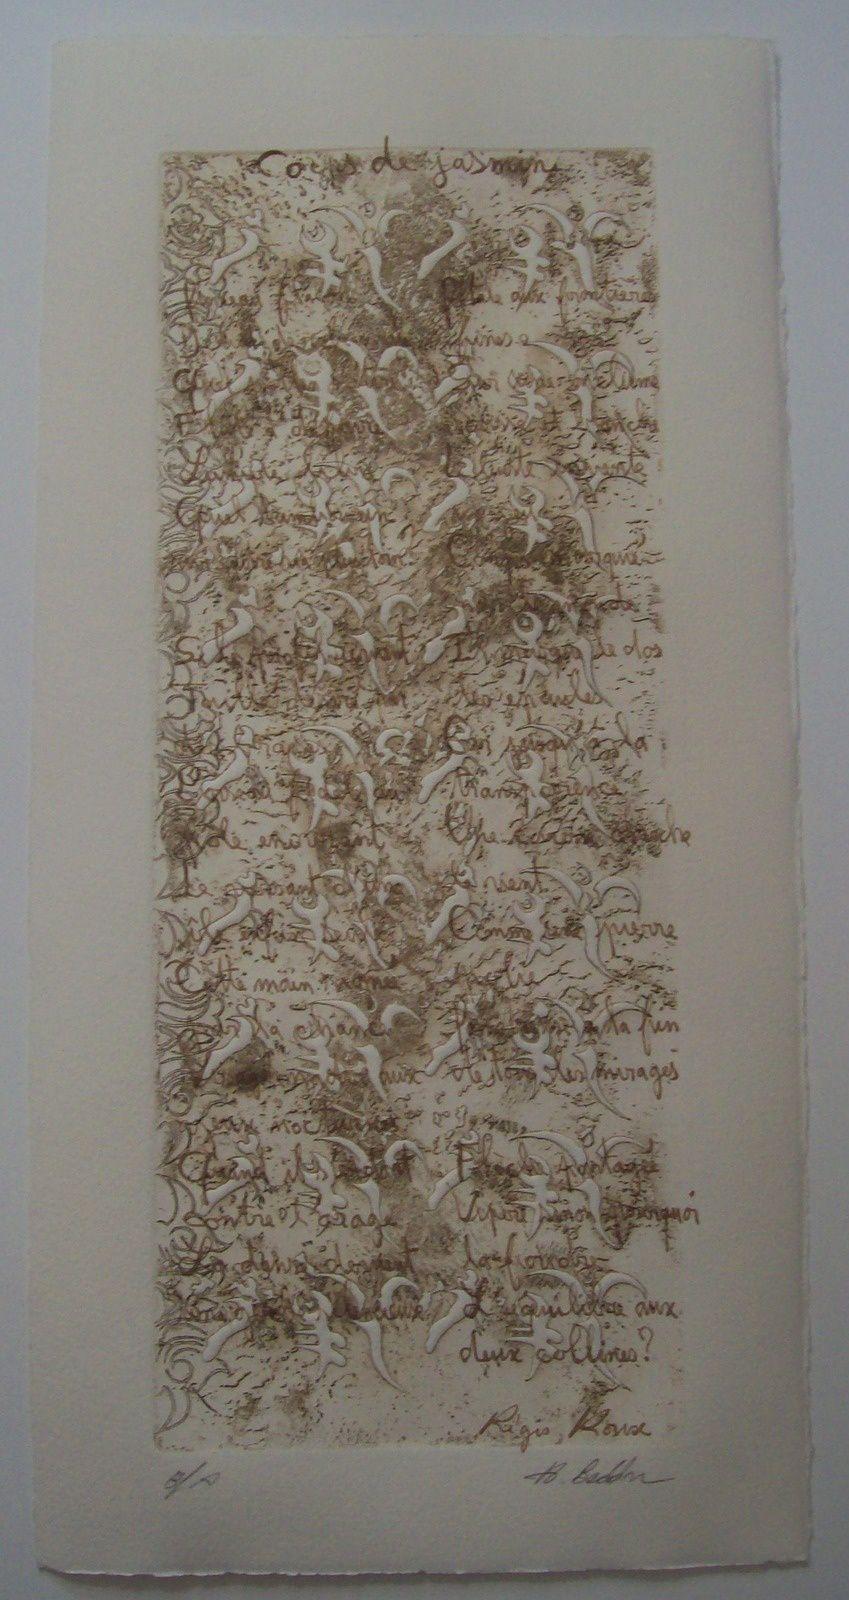 CORPS DE JASMIN; 2014 -écrit en 2013 (poèmes de Régis Roux, d'après des peintures d'Hakim Beddar/ Gravure d'Hakim Beddar)